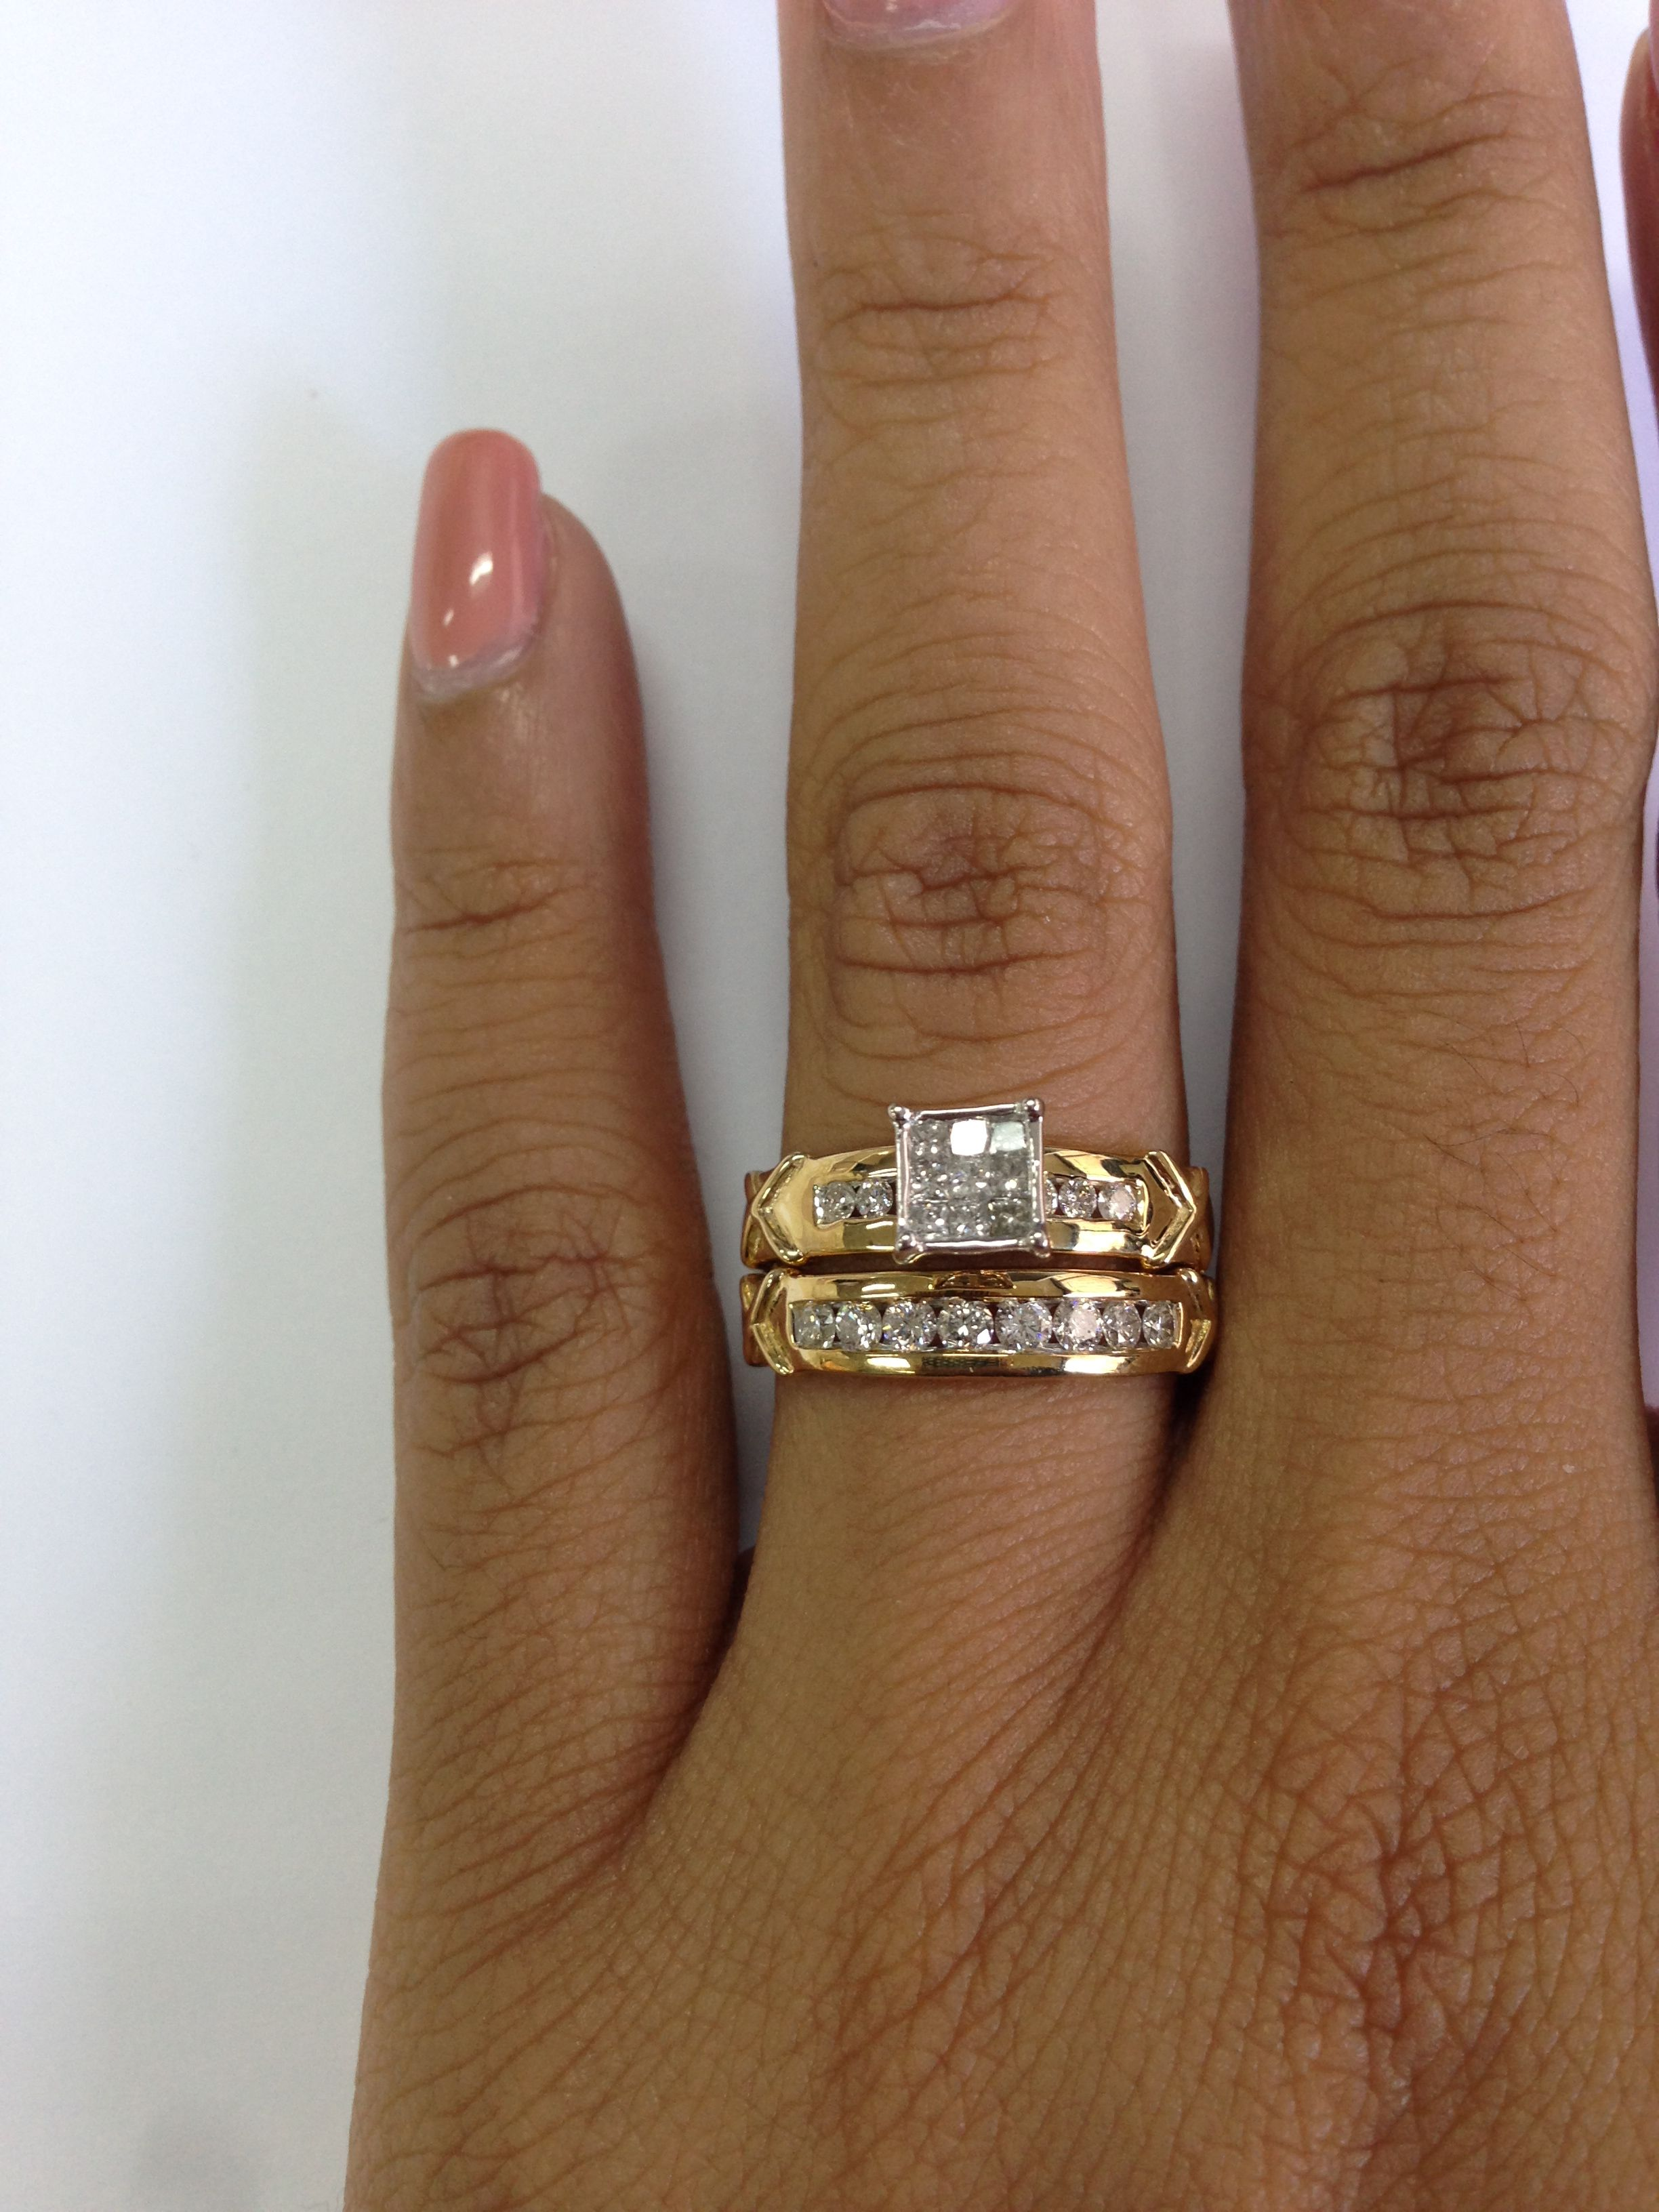 TW Diamond Trio Wedding Ring Set 10K White Gold